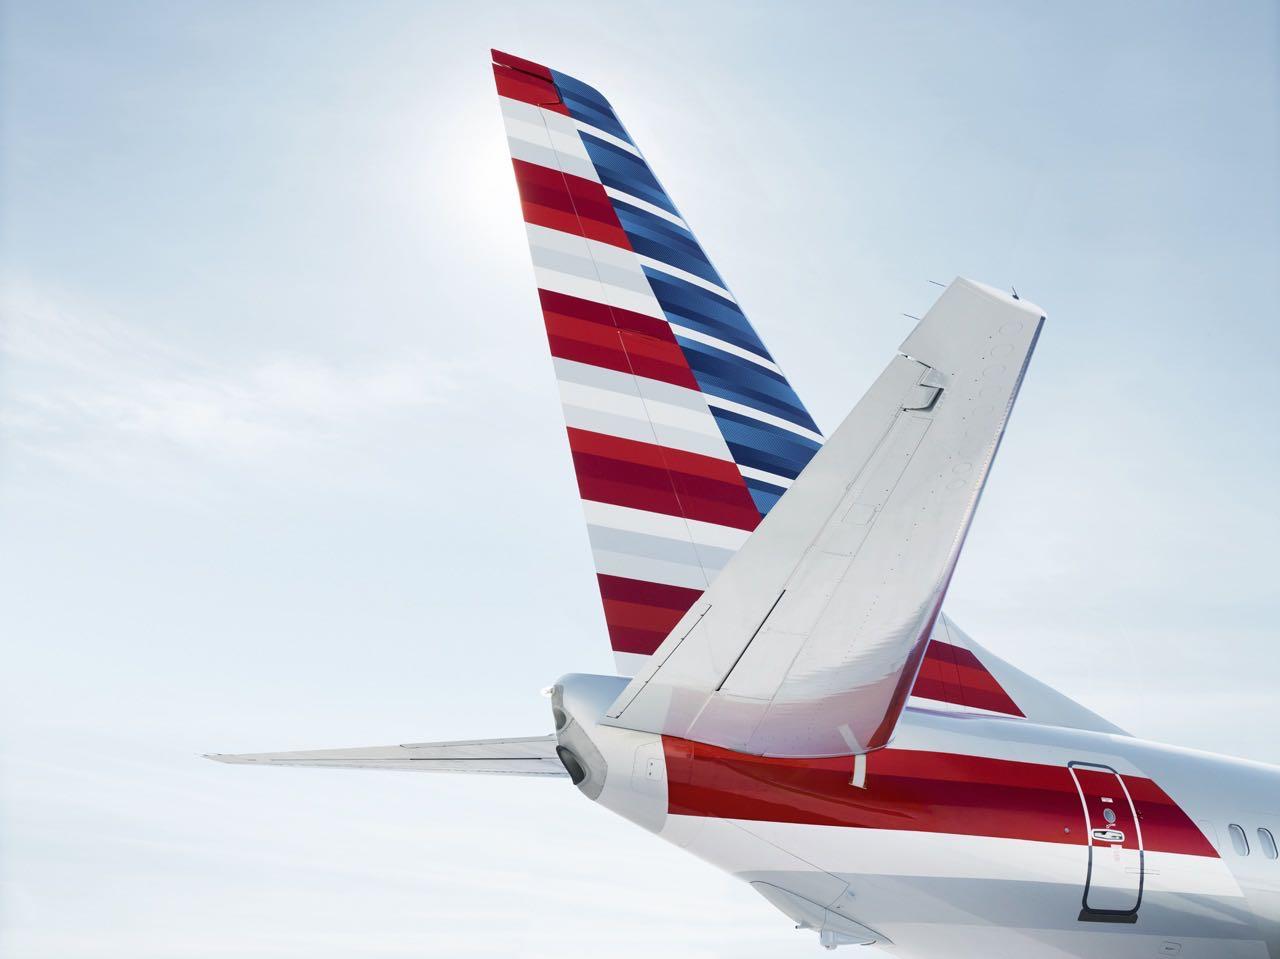 Image From Ios 1 Coast Flight